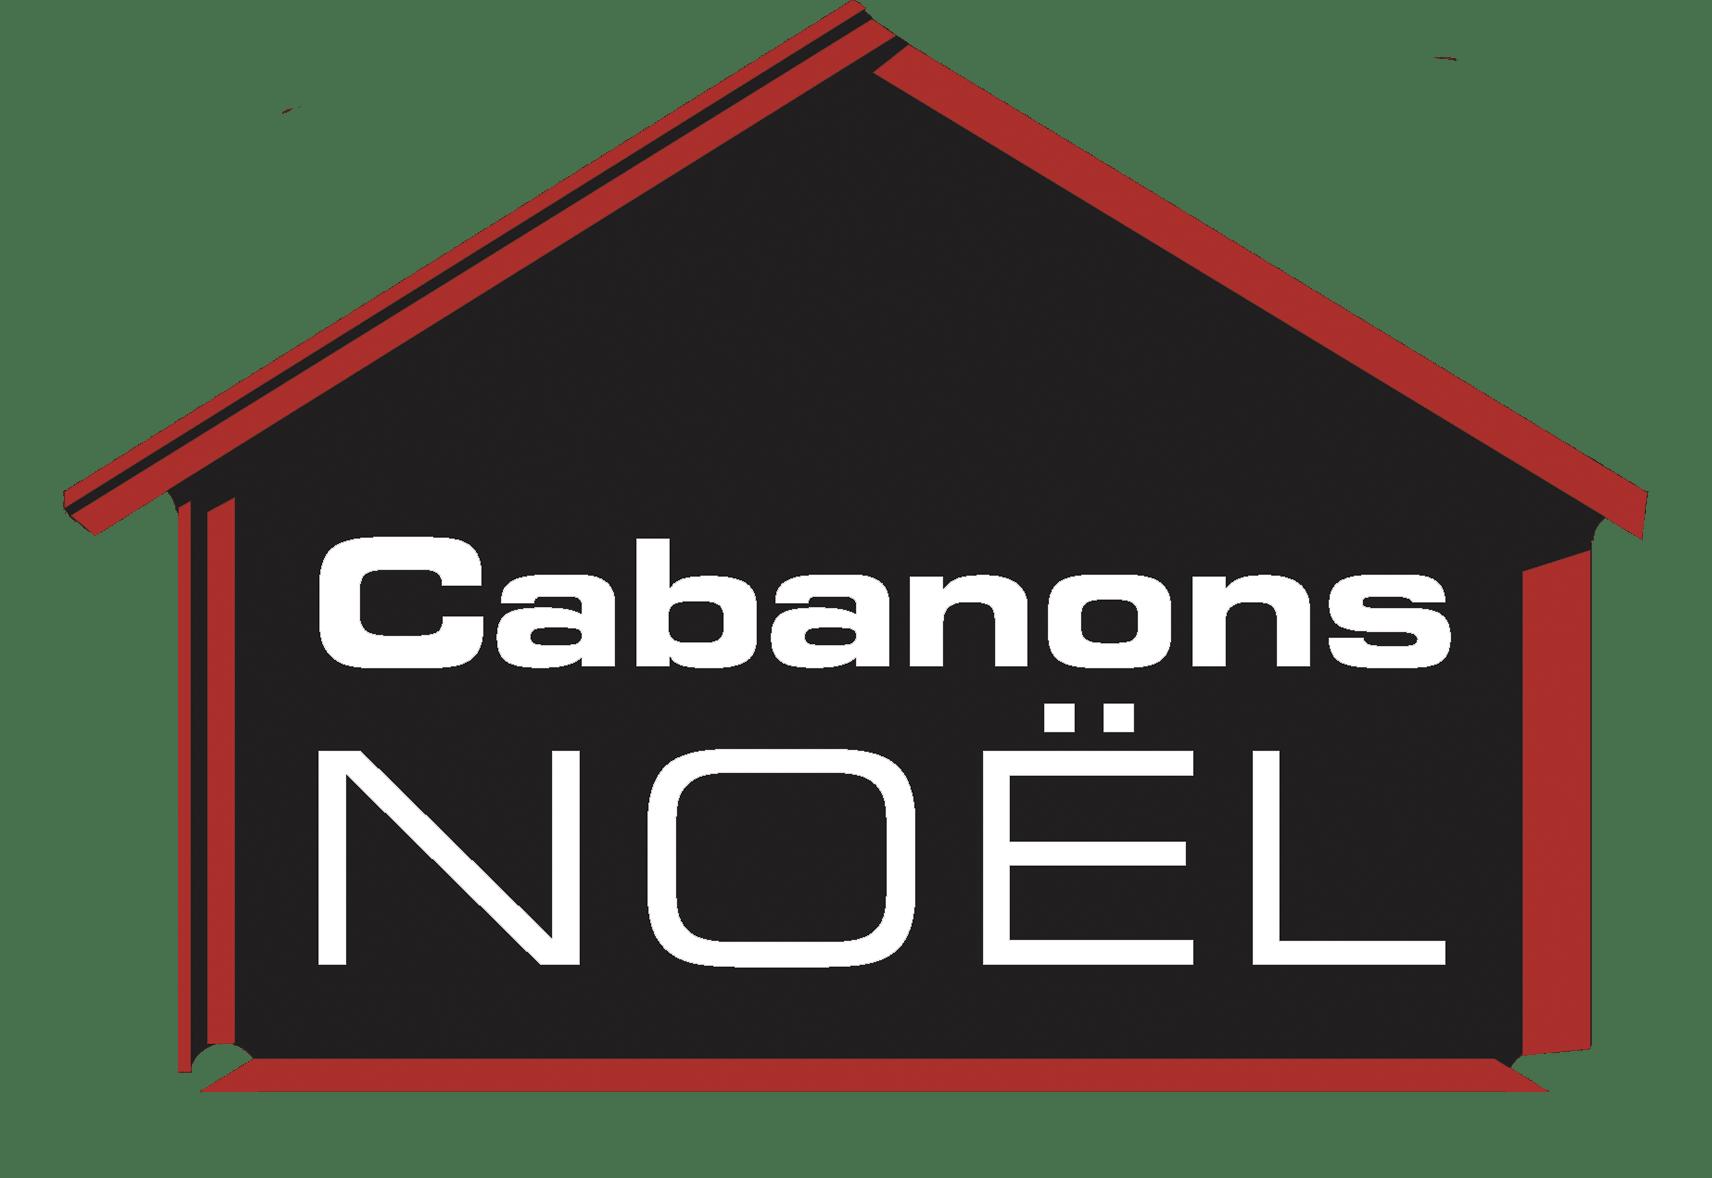 Cabanons Noël